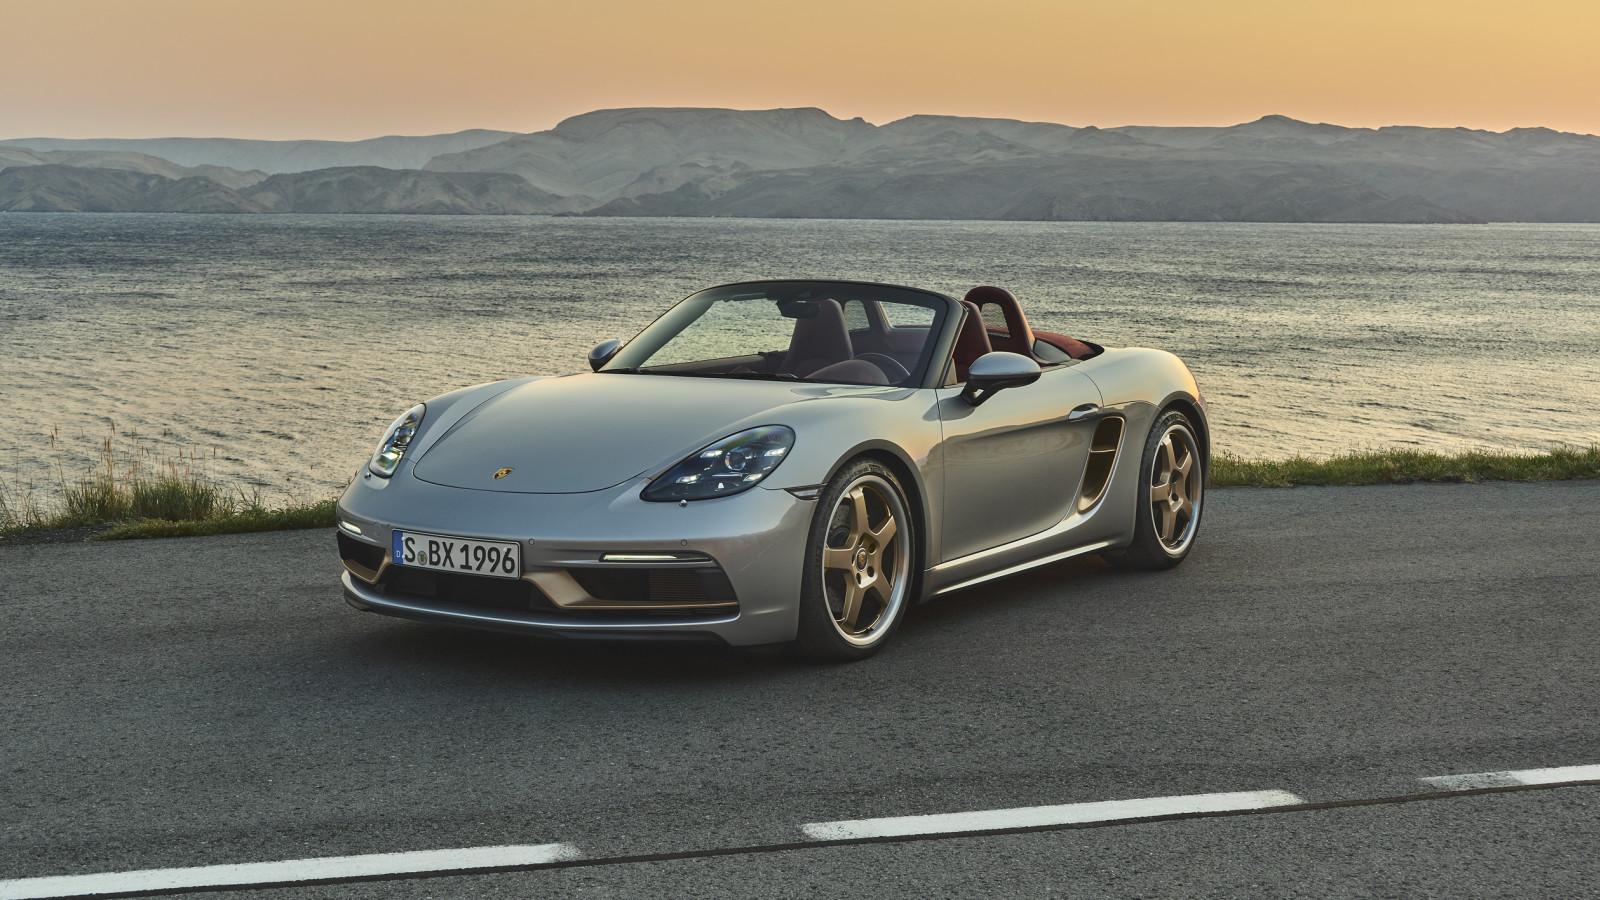 Porsche legt ein Sondermodell seines Roadsters Boxster auf